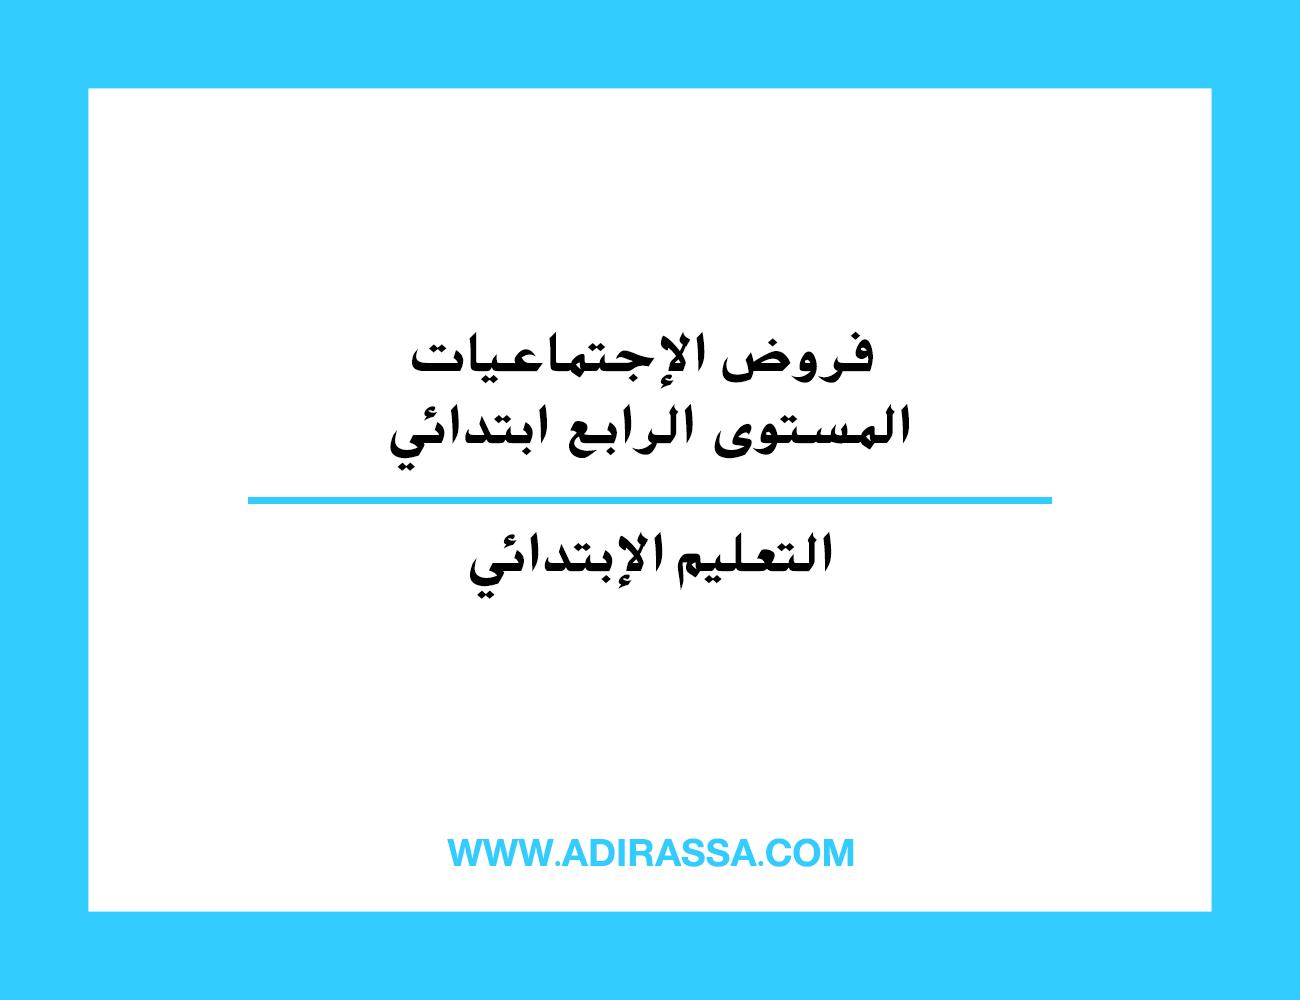 فروض الإجتماعيات المستوى الرابع ابتدائي المقررة في المدرسة المغربية